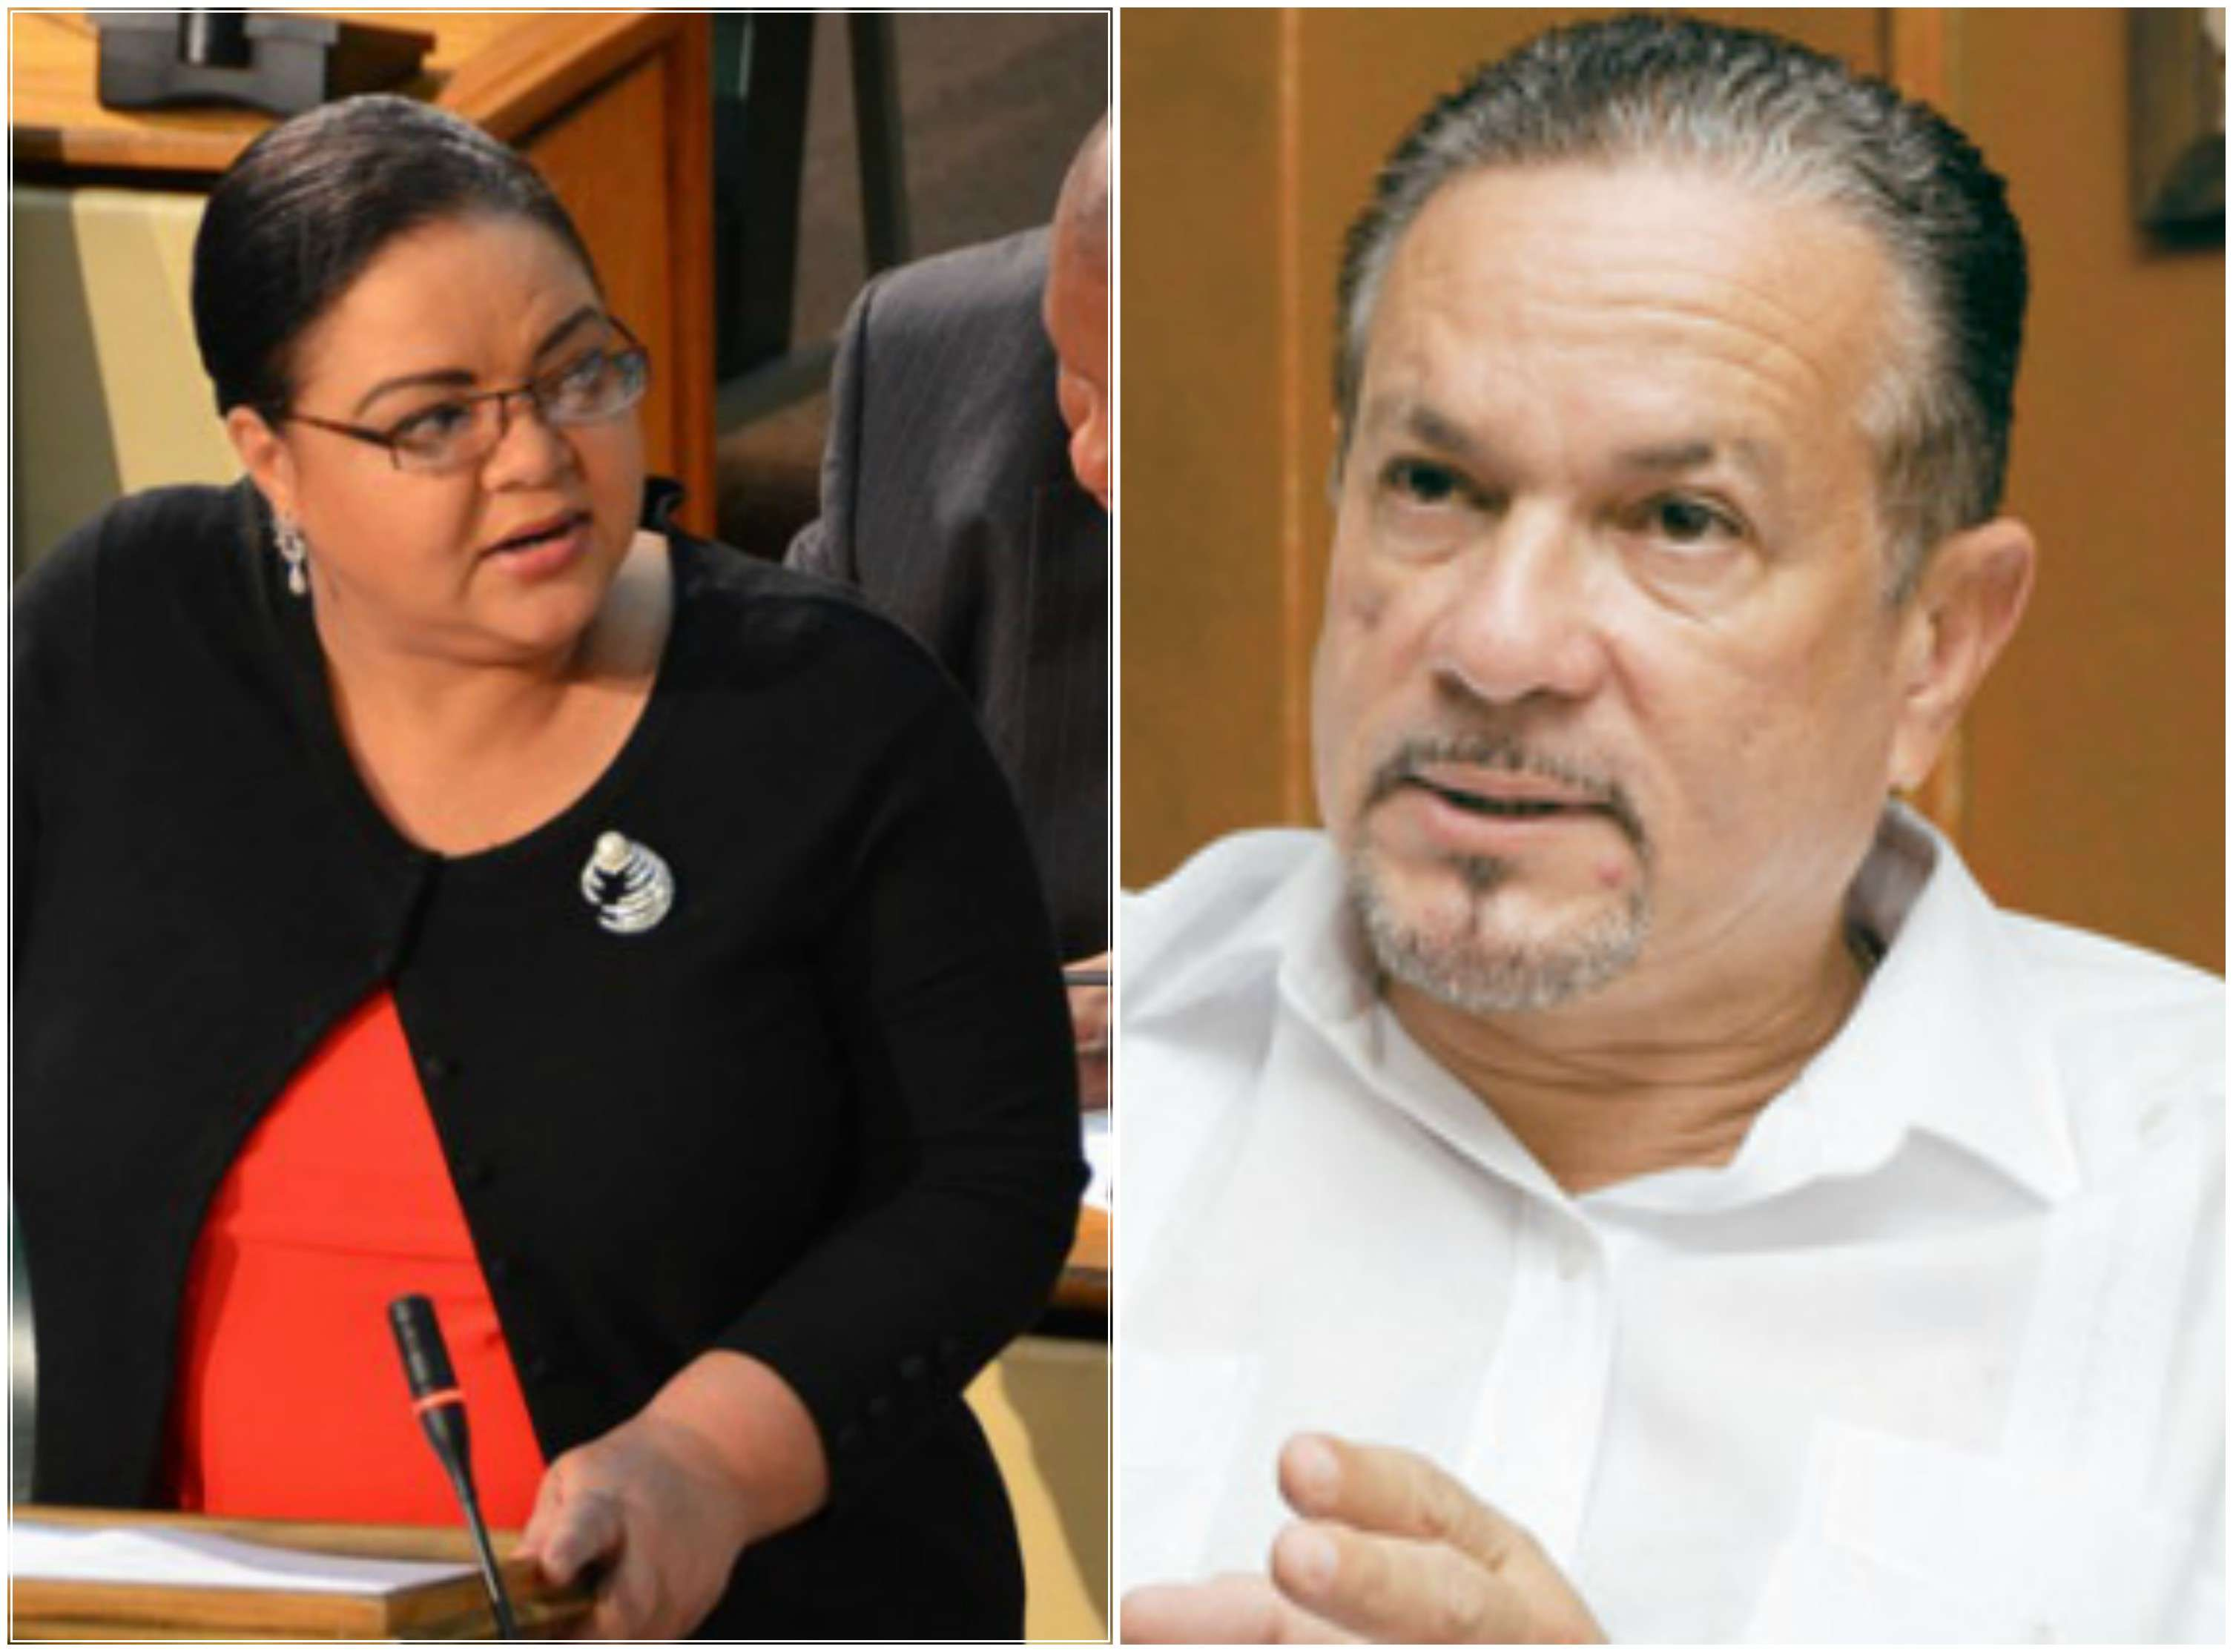 Testy Exchanges Between Finson, Falconer in Senate